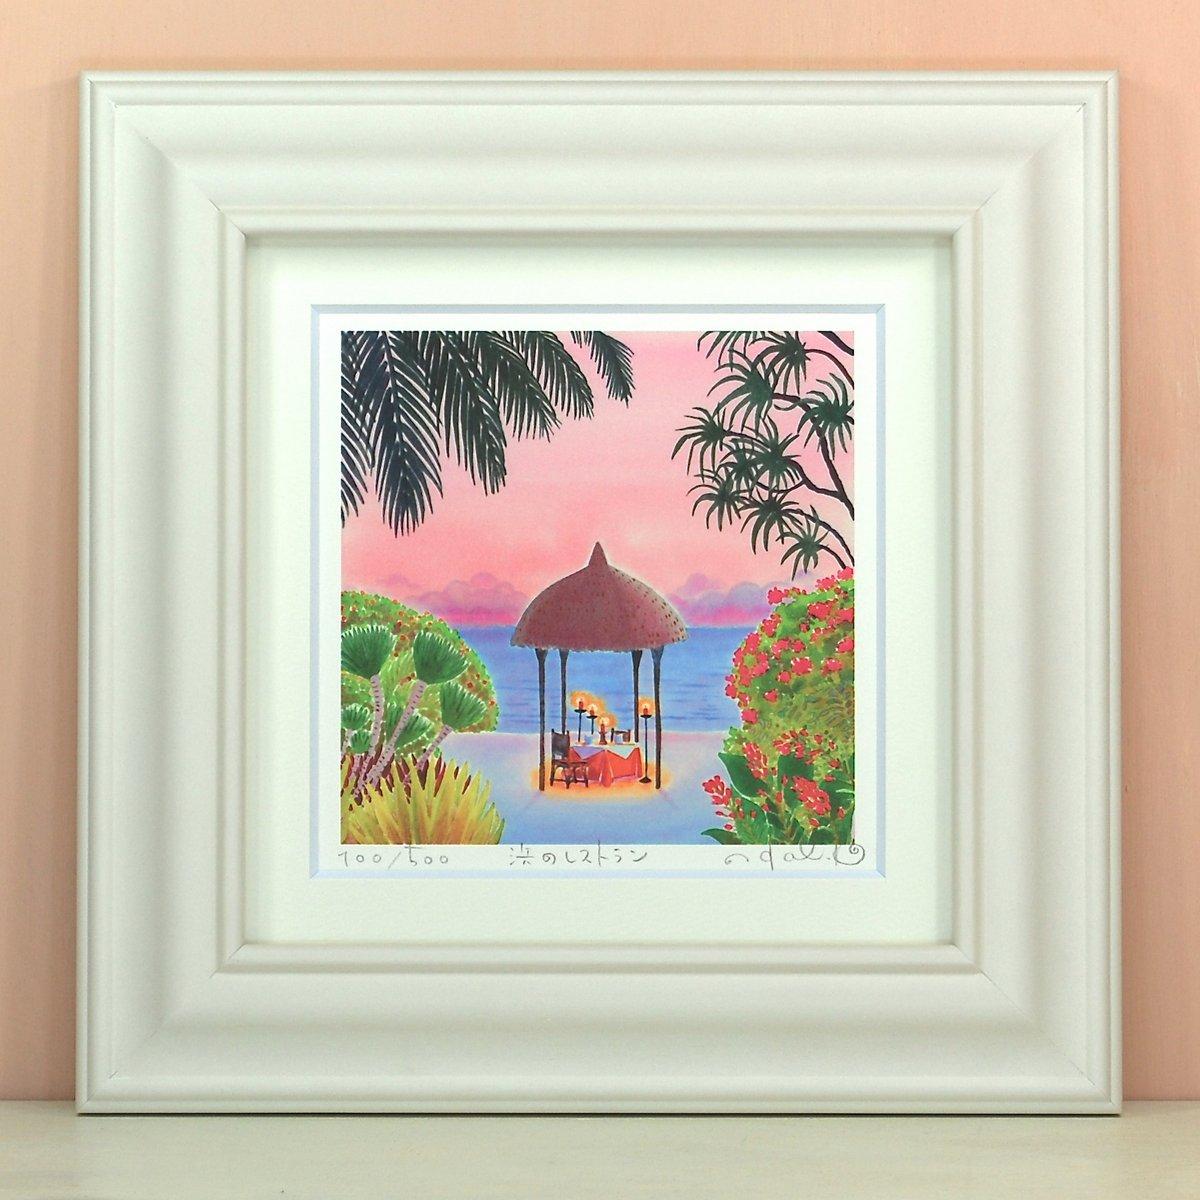 壁掛けアートは、リビングや玄関におすすめのインテリア。絵画といえばルノワール、ゴッホのひまわりといった名画が有名。かわいい壁飾りはお部屋を癒やしてくれそう。プレゼントにも 絵画 壁飾り 浜のレストラン〔栗乃木ハルミ・くりのきはるみ〕/インテリア 壁掛け 額入り 額装込 風景画 油絵 ポスター アート アートパネル リビング 玄関 プレゼント モダン アートフレーム おしゃれ 飾る Sサイズ 巣ごもり